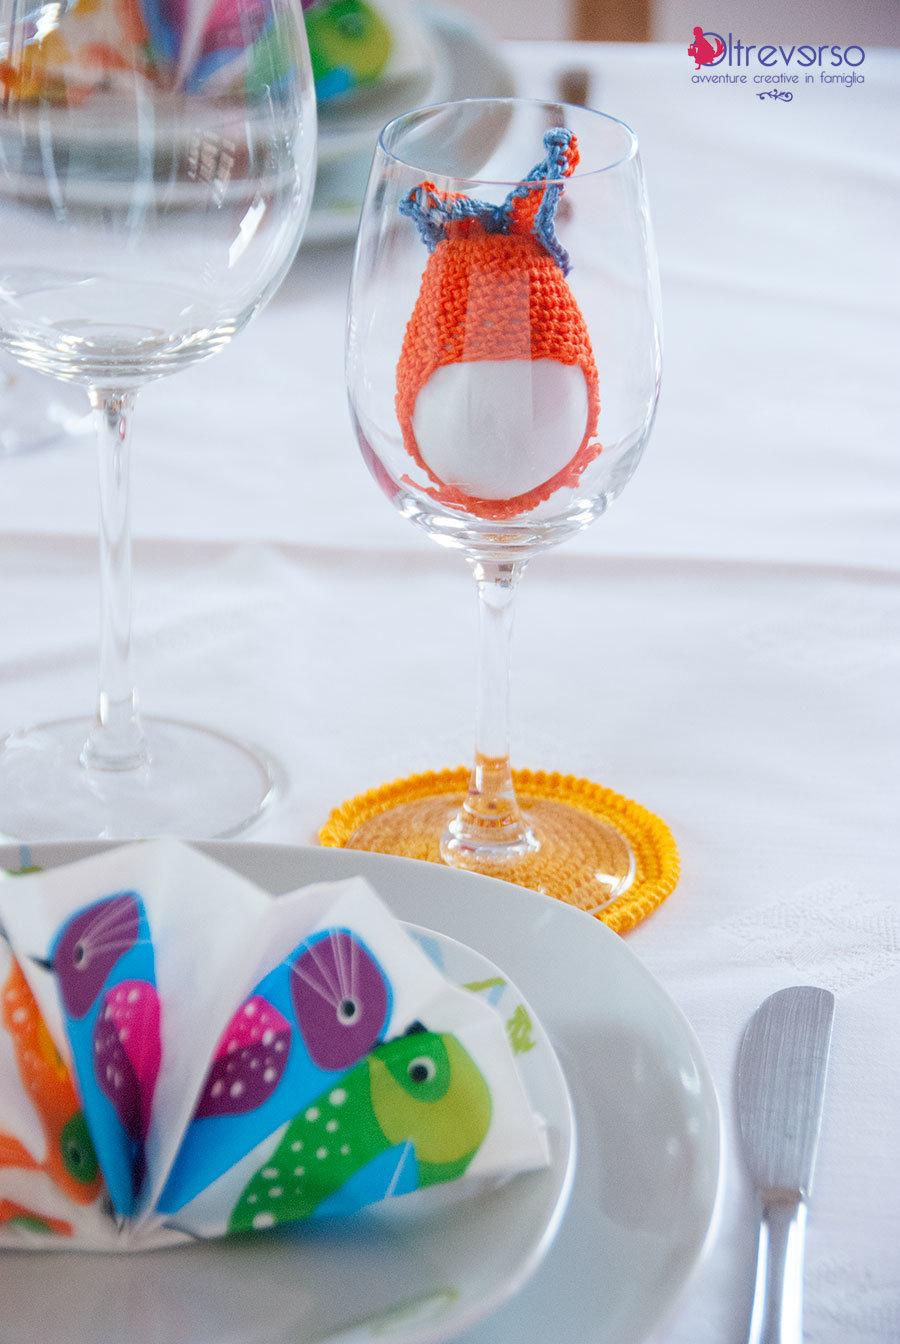 la tavola di pasqua con uova bianche con il cappello all'uncinetto